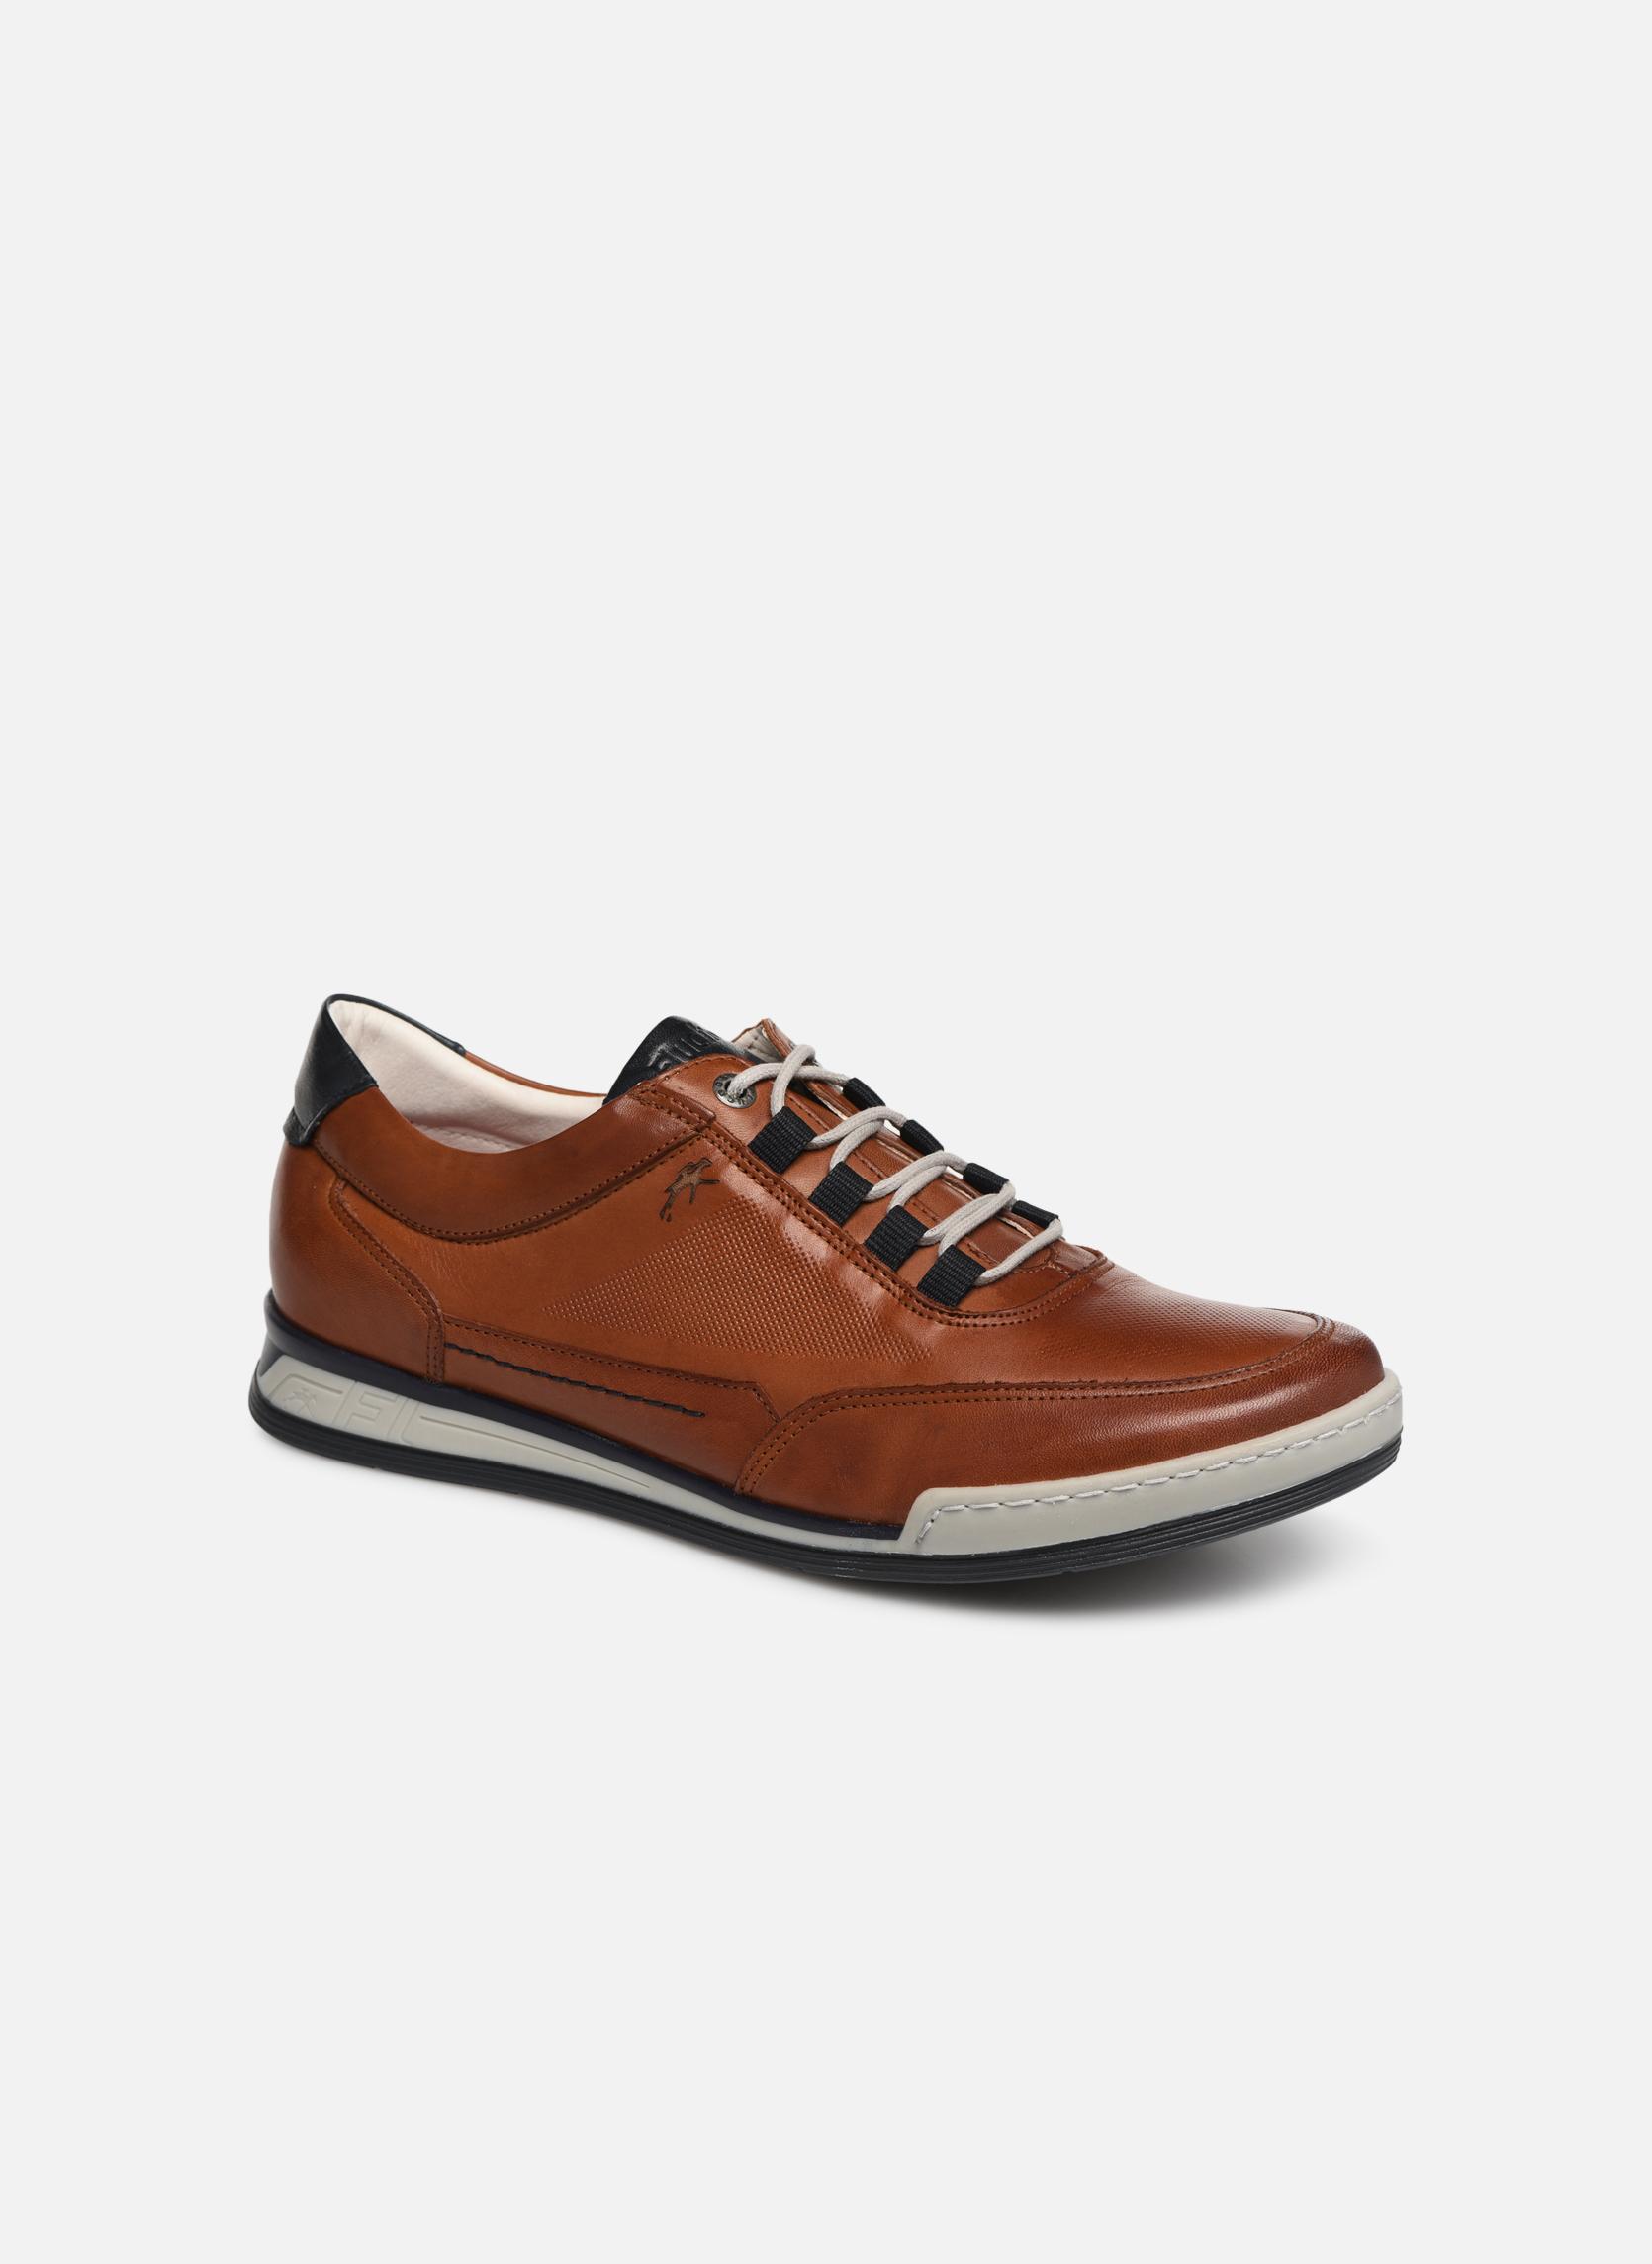 Sneakers Etna F0146 by Fluchos